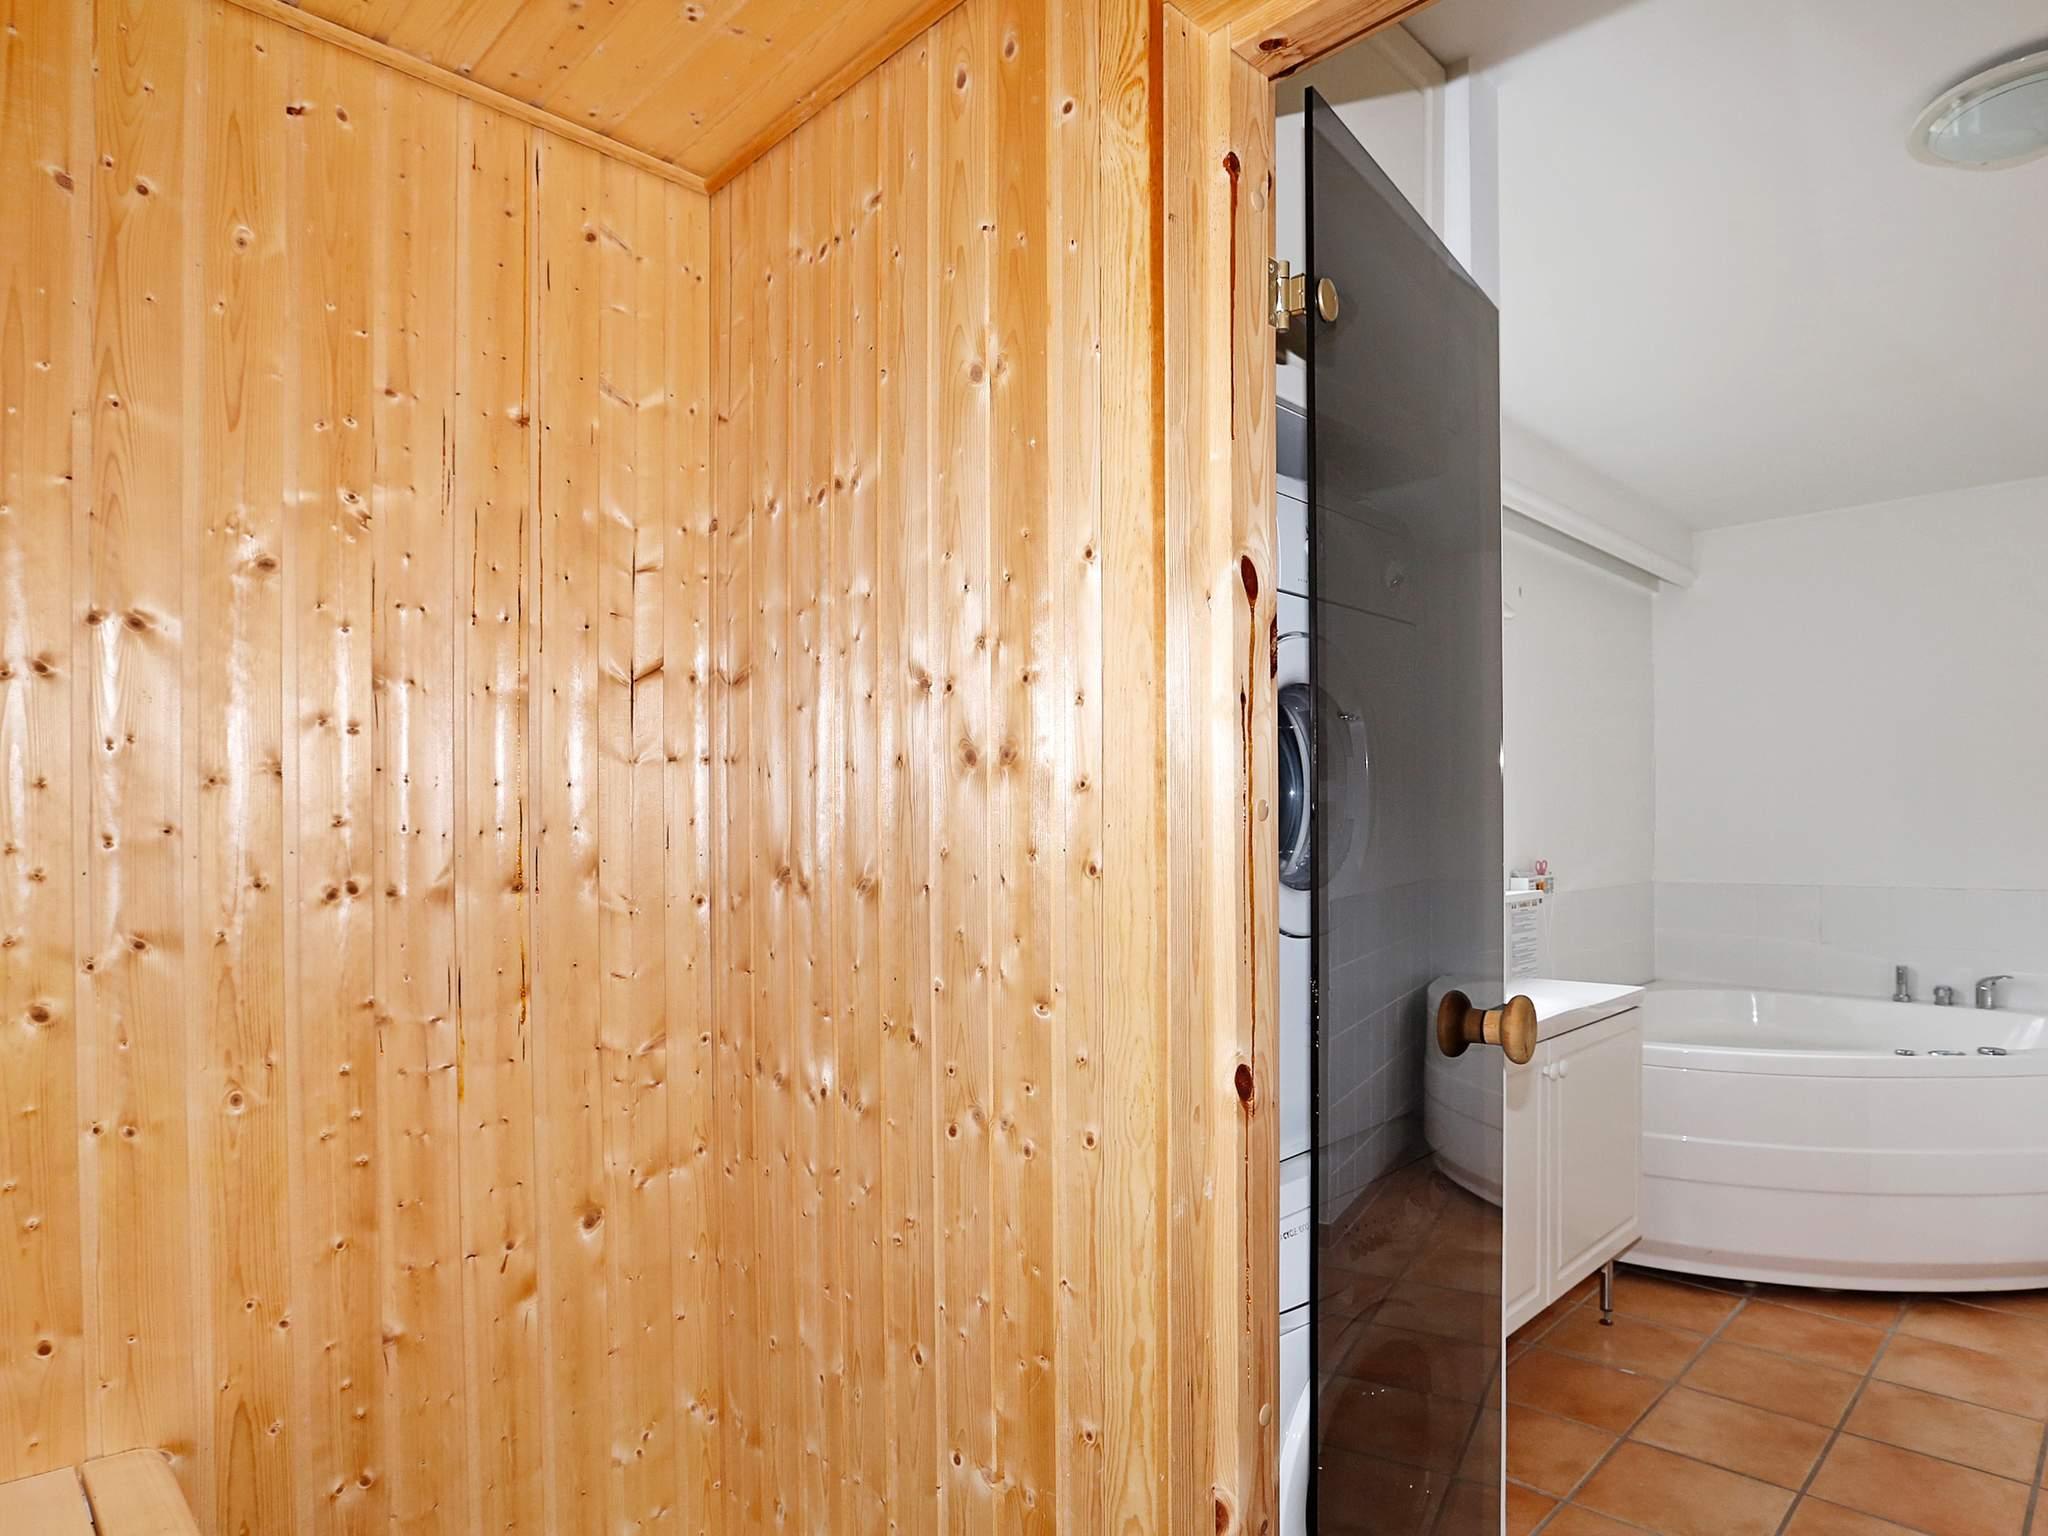 Ferienhaus Tisvildelund (493457), Vejby, , Nordseeland, Dänemark, Bild 17